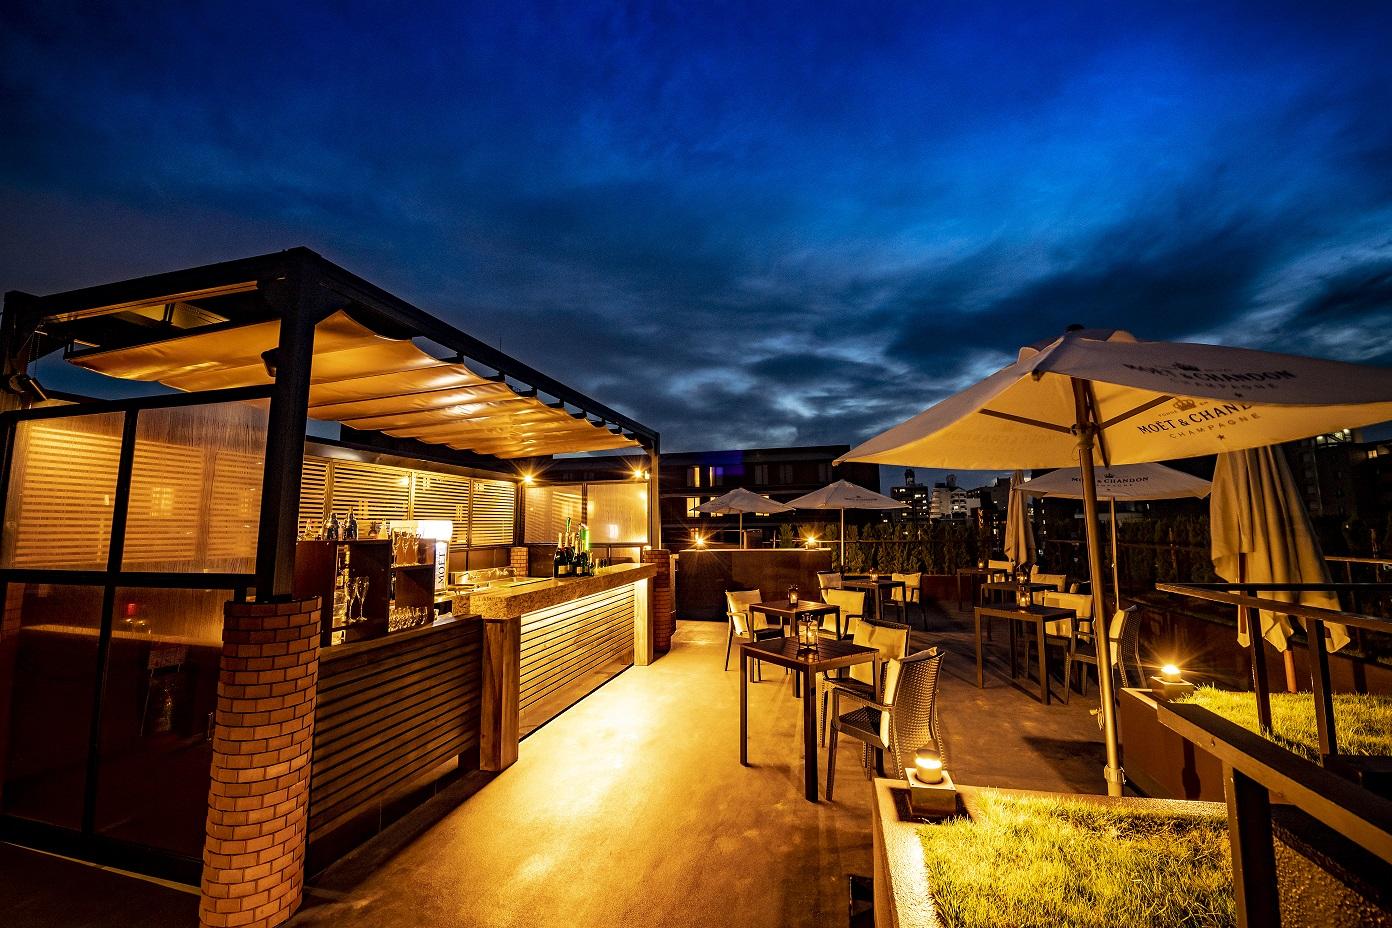 【ROOF TOP BAR】バーのコンセプトは 「大人の隠れ家バー」。京都東急ホテル和洋中のレストランよりお酒に合うフードやスナックをご用意。